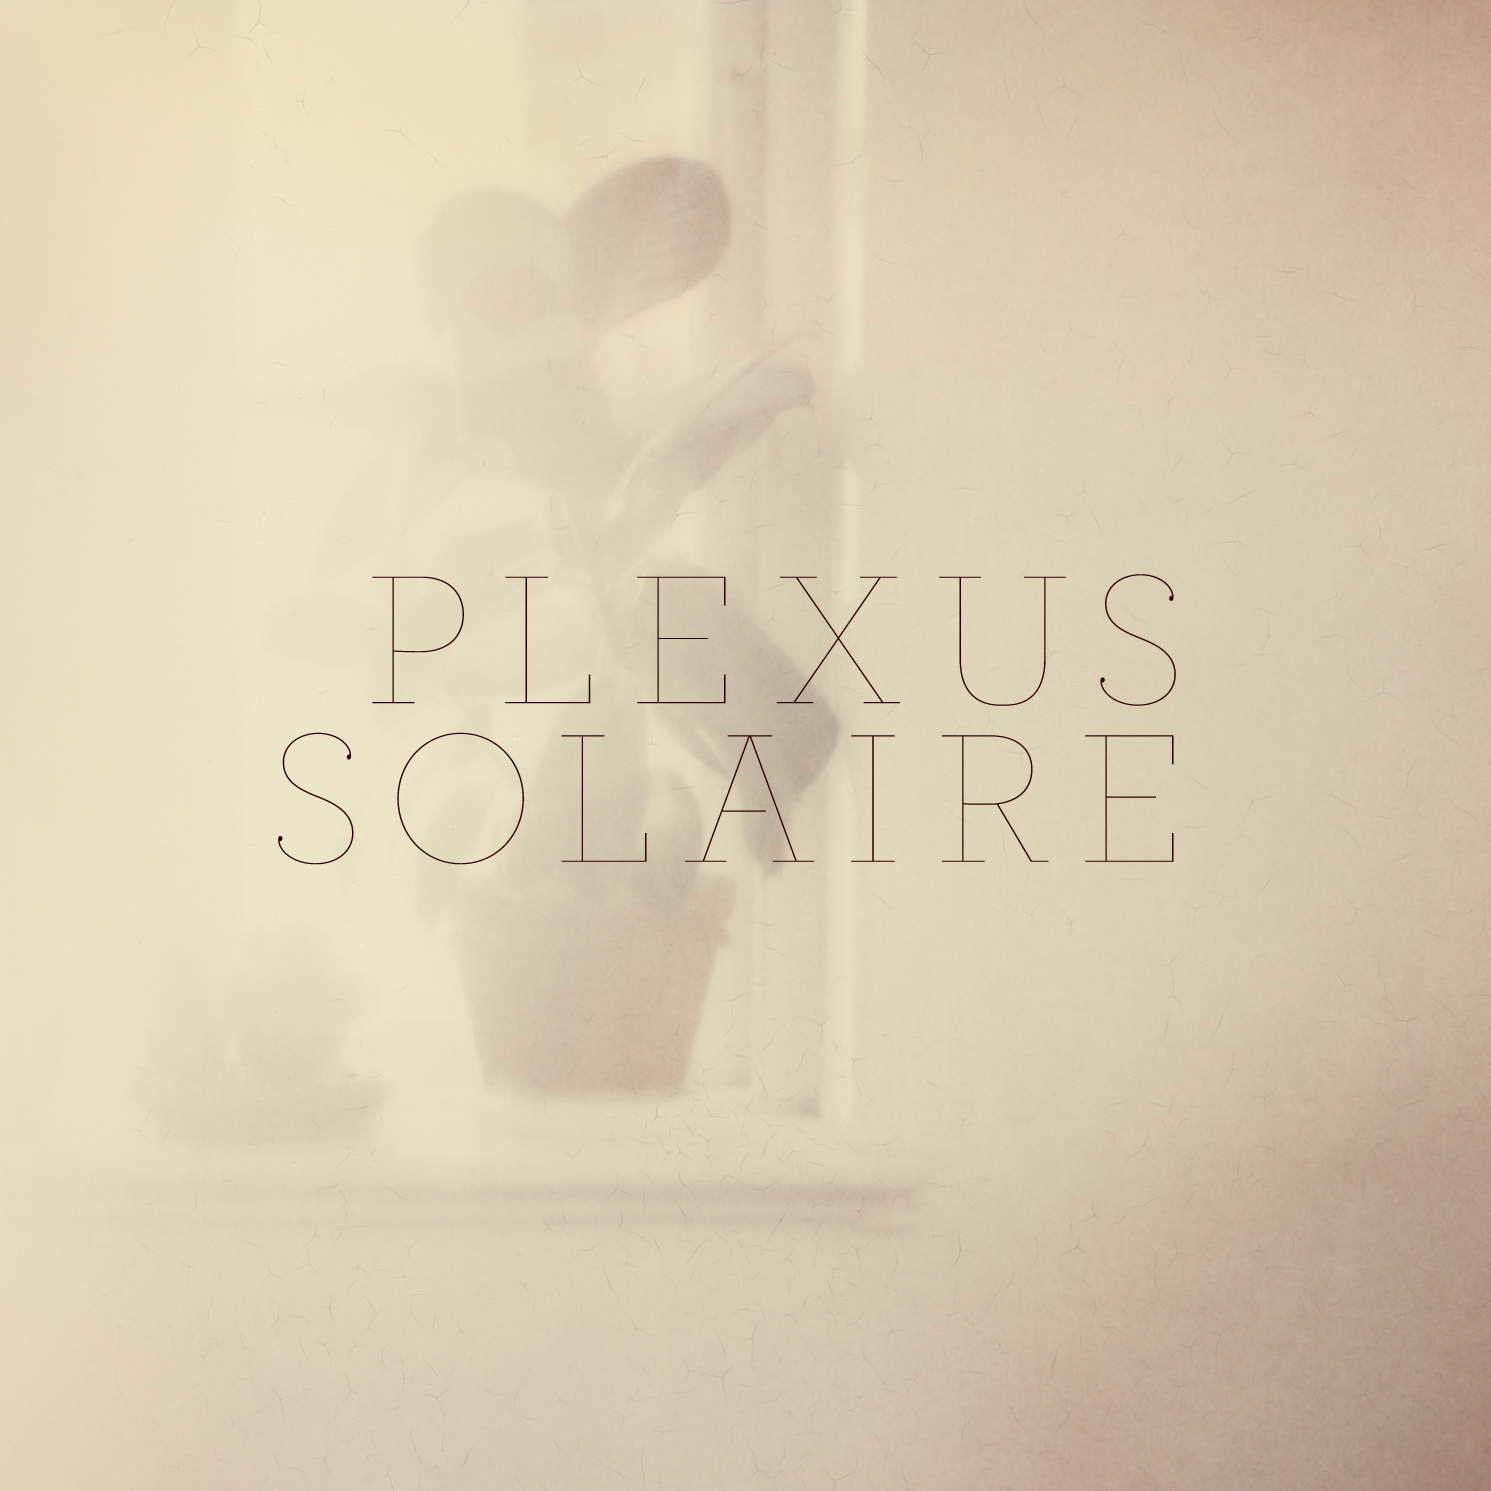 Plexus Solaire.